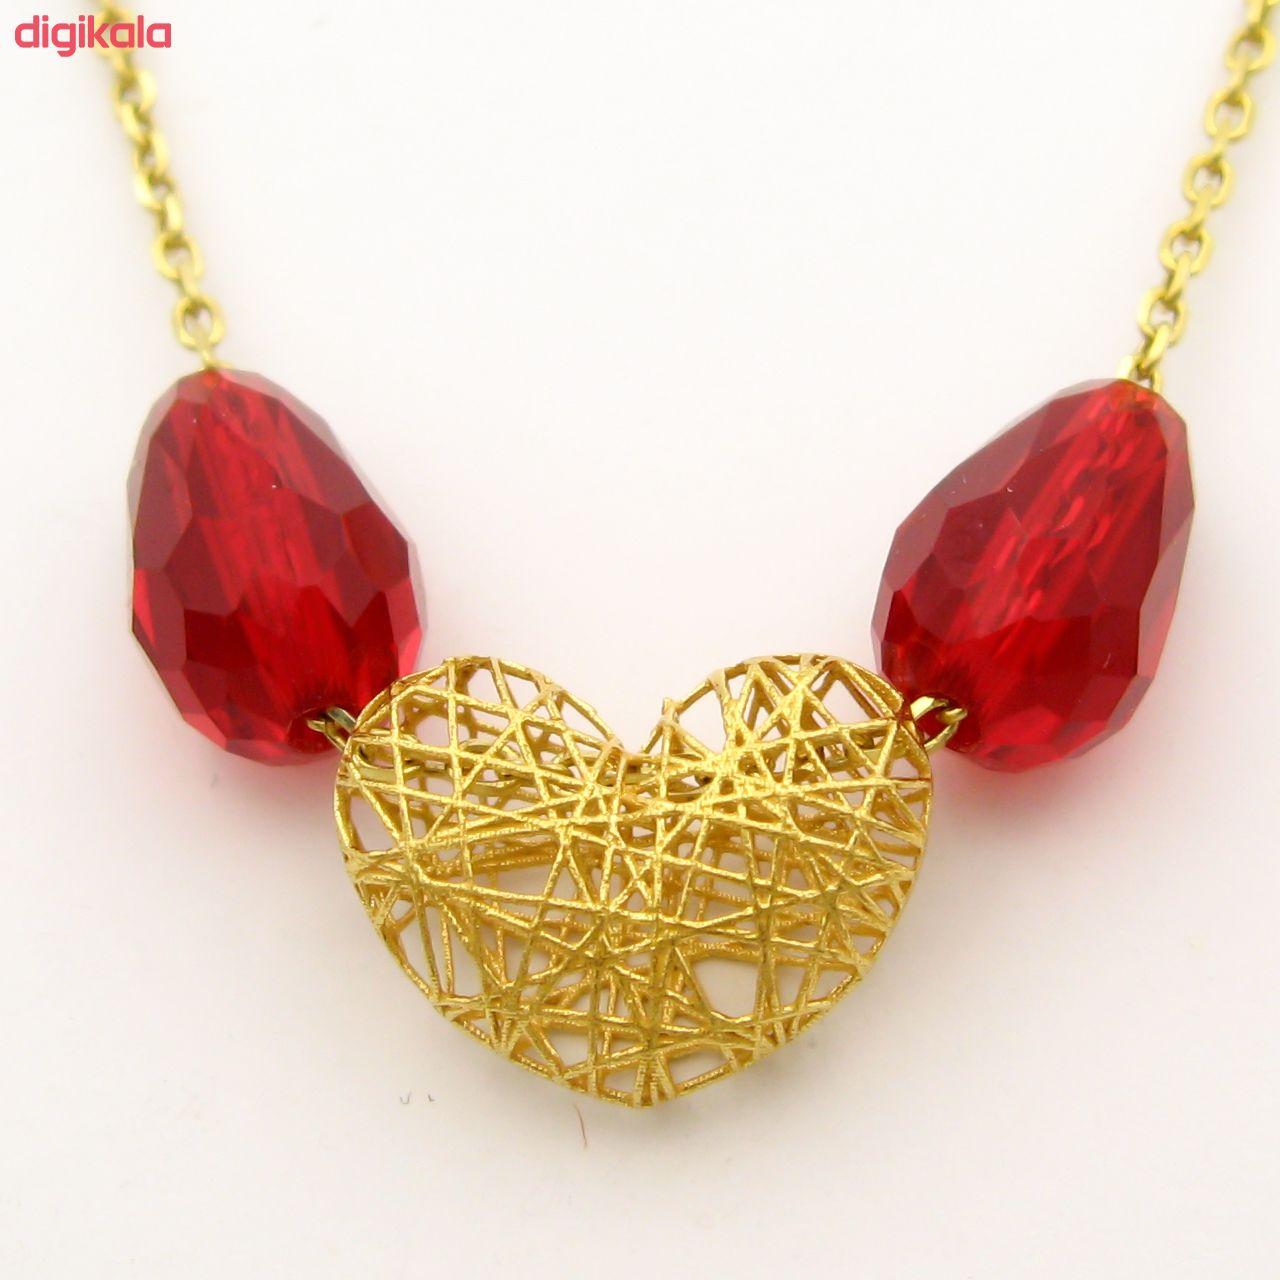 گردنبند طلا 18 عیار زنانه مانچو کد sfgs008 main 1 1